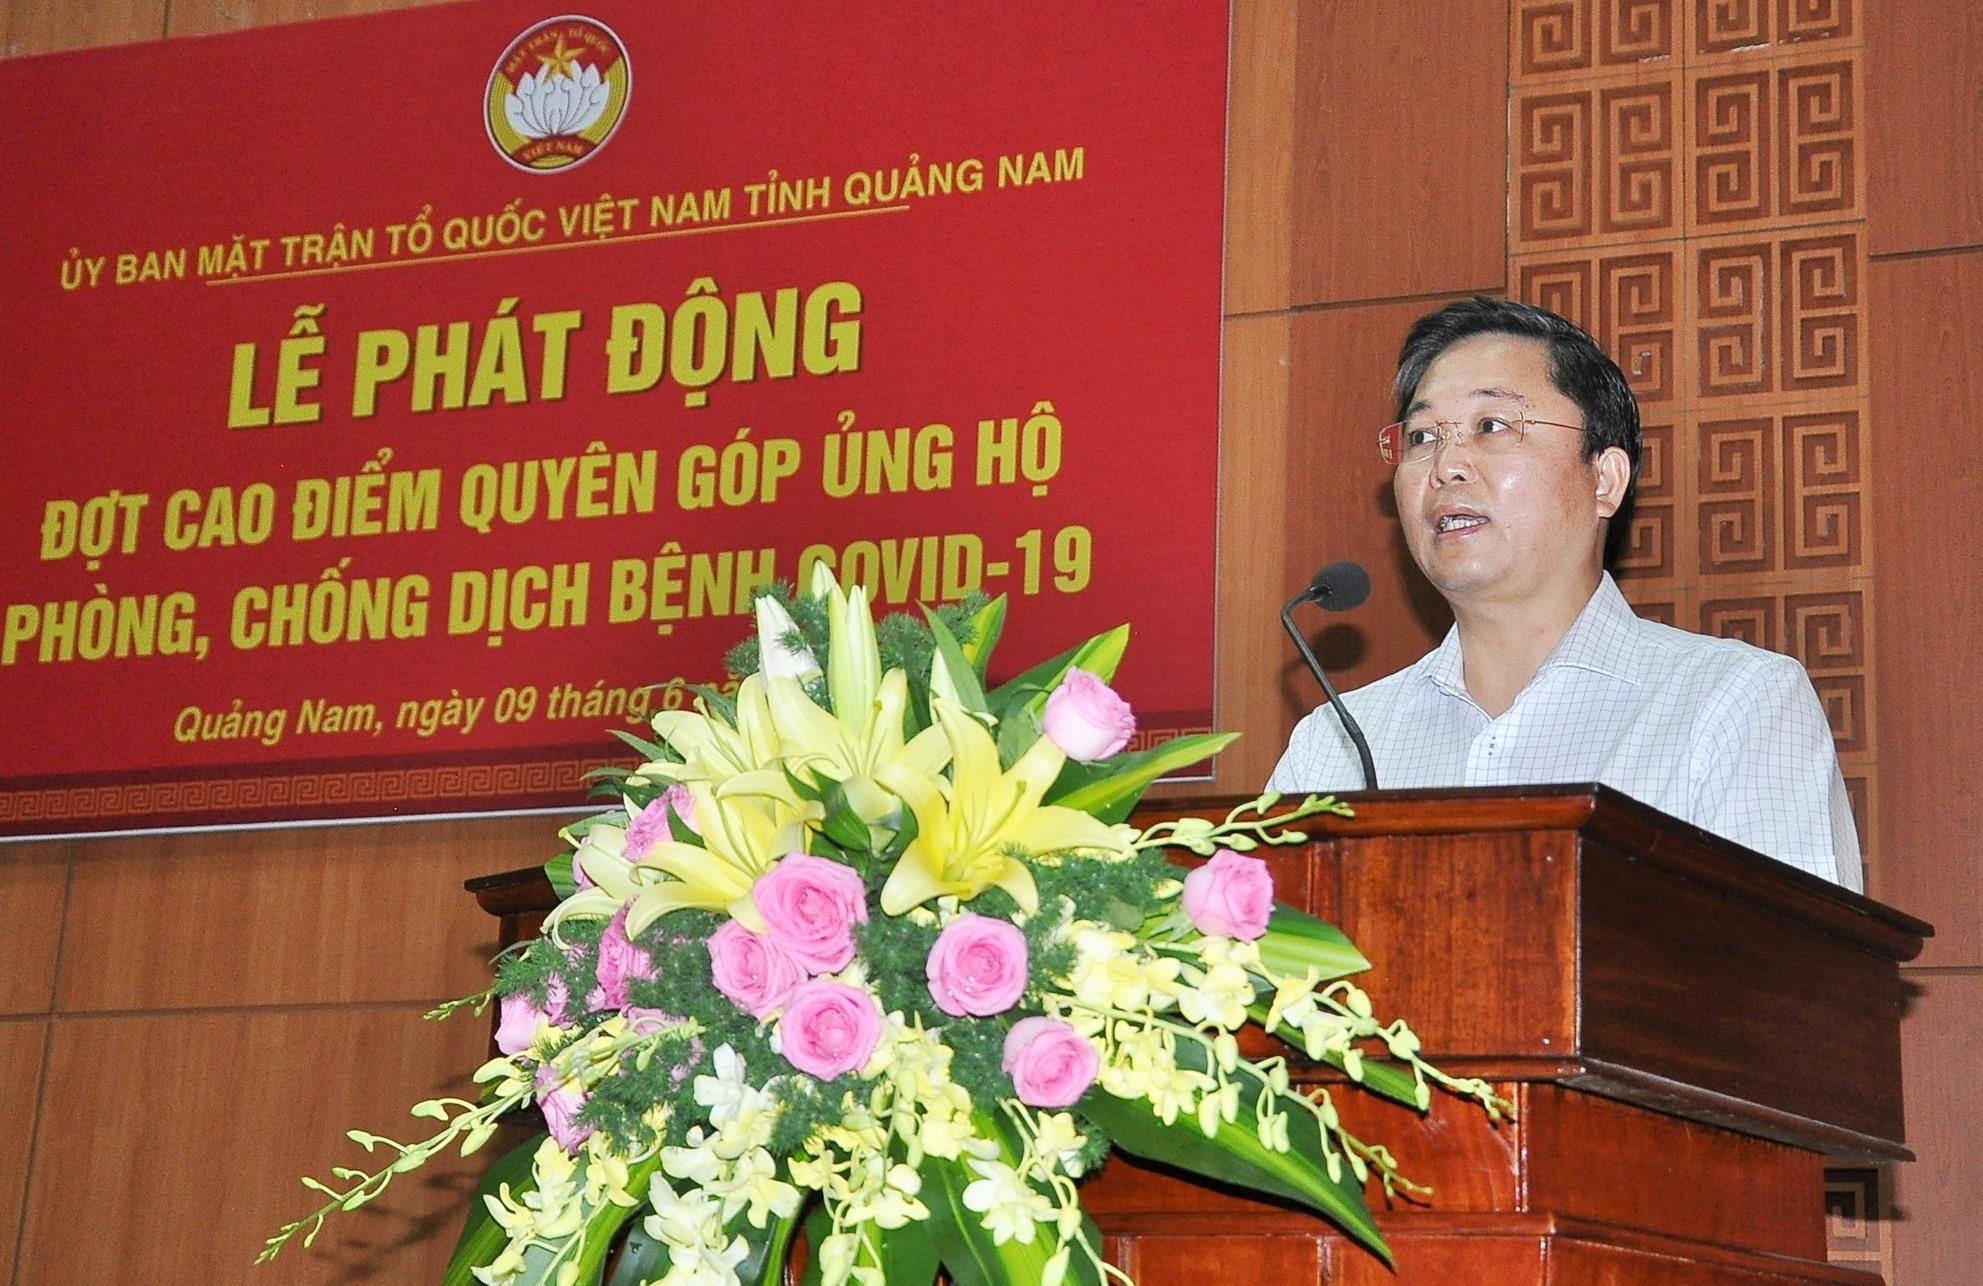 Chủ tịch UBND tỉnh Lê Trí Thanh phát biểu. Ảnh: VINH ANH